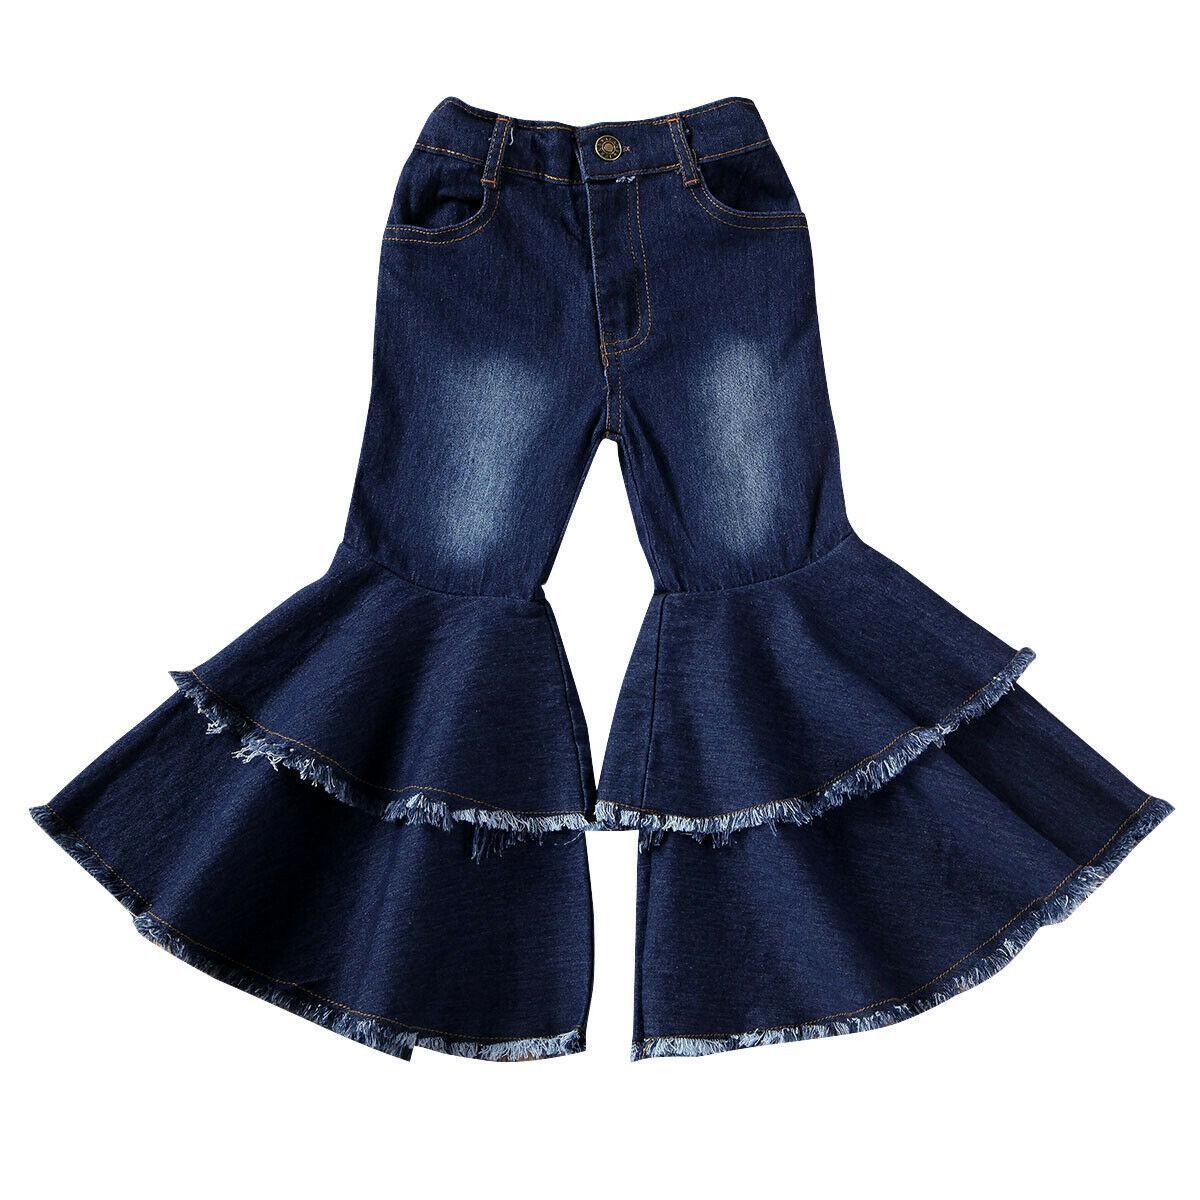 Novità del fondo caldo del bambino del bambino dei capretti dei bambini vestiti della ragazza campana Flare jeans del denim dei pantaloni della ragazza di autunno della molla delle ghette Pantaloni